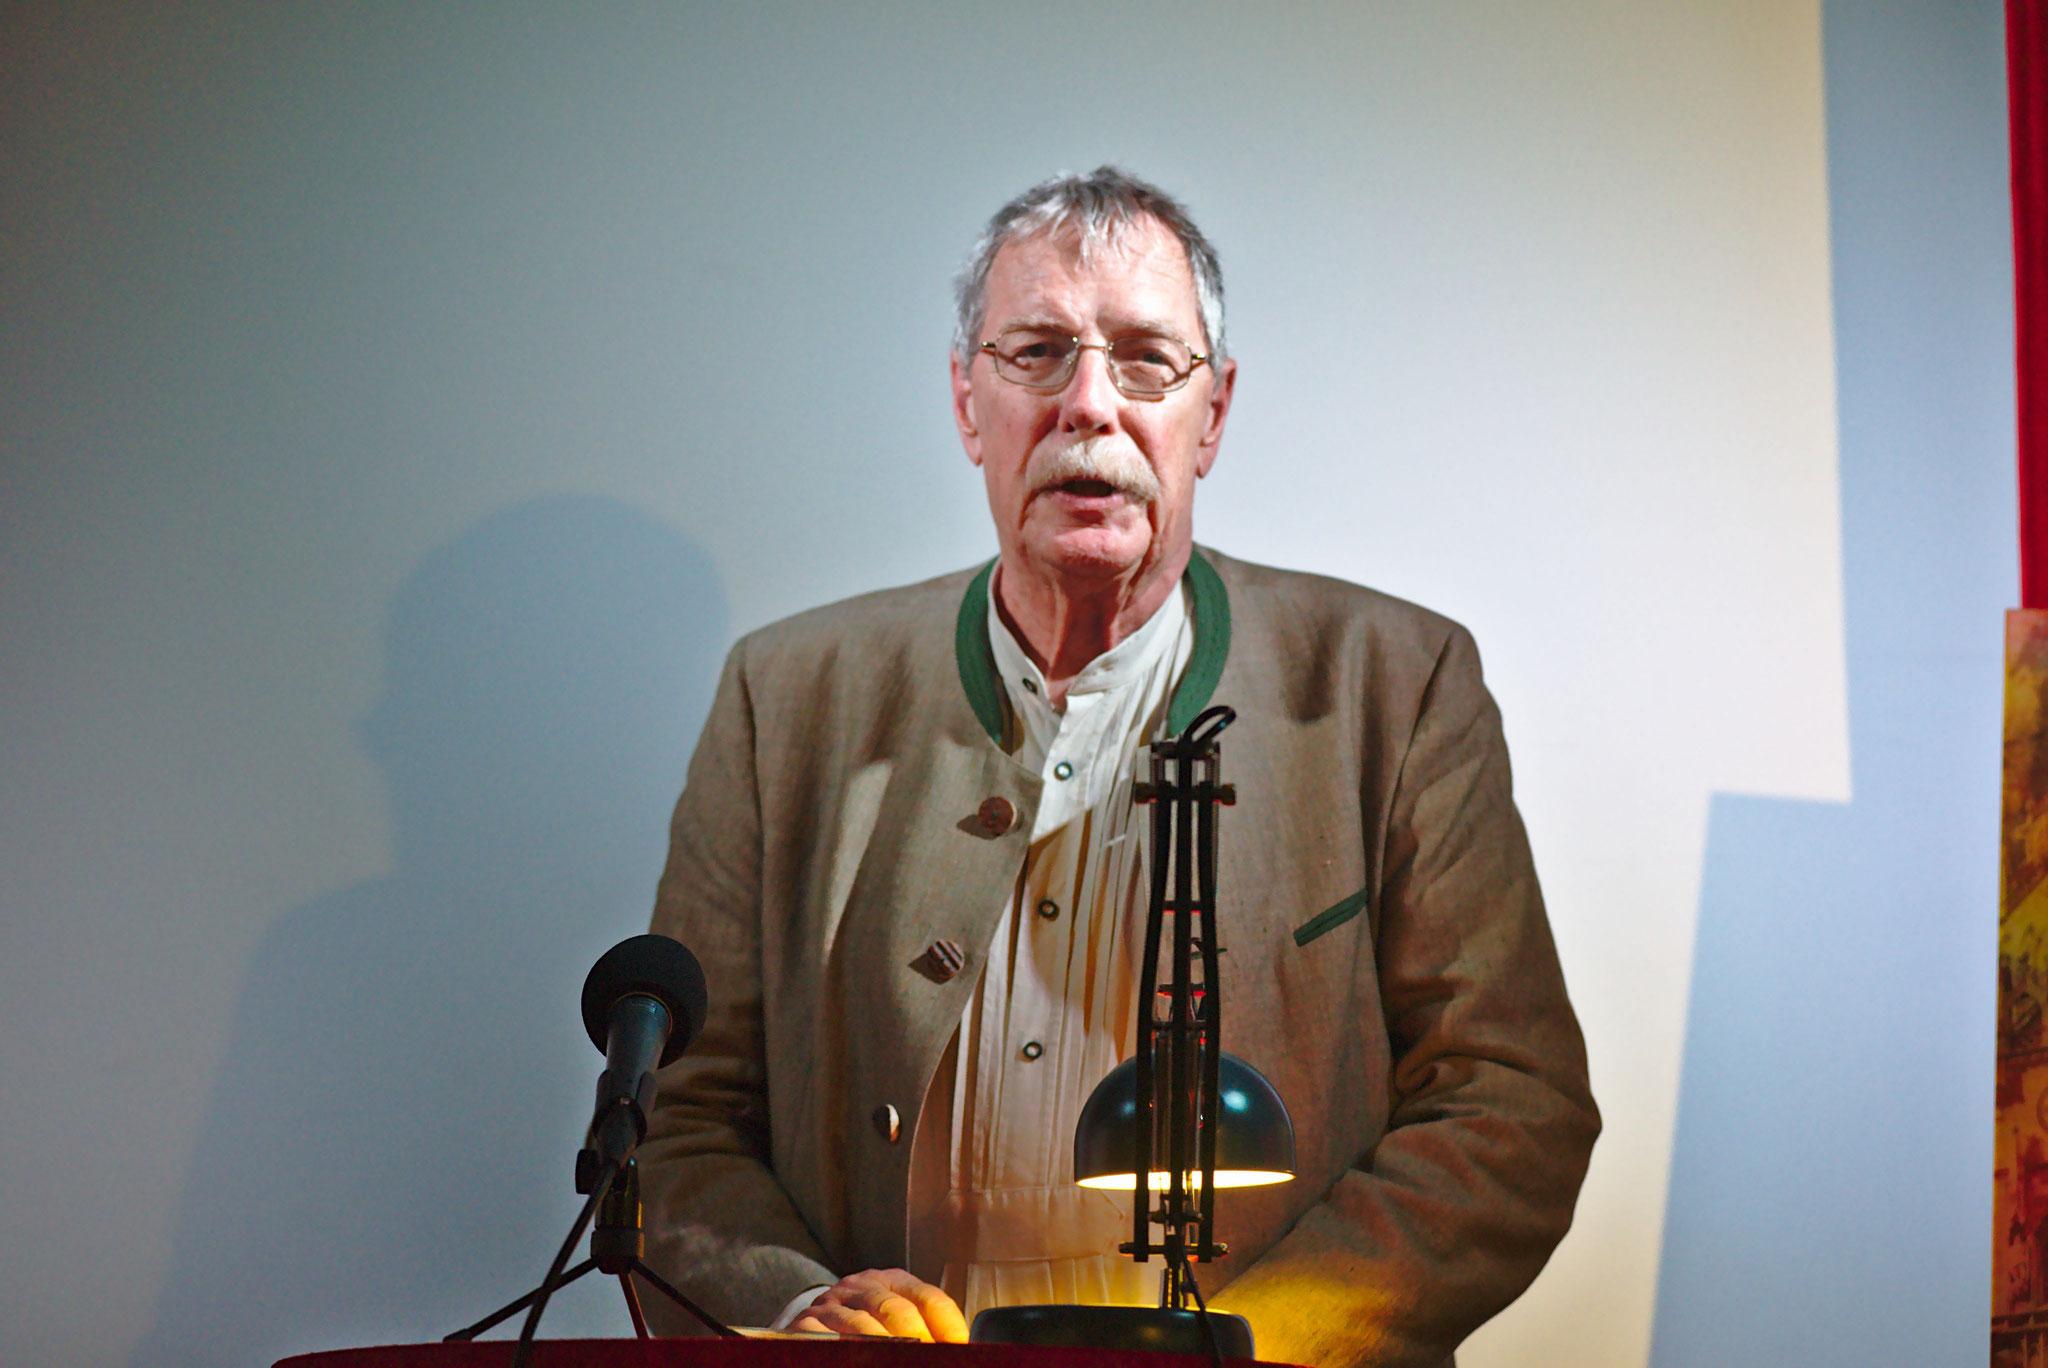 Fritz Hemmer